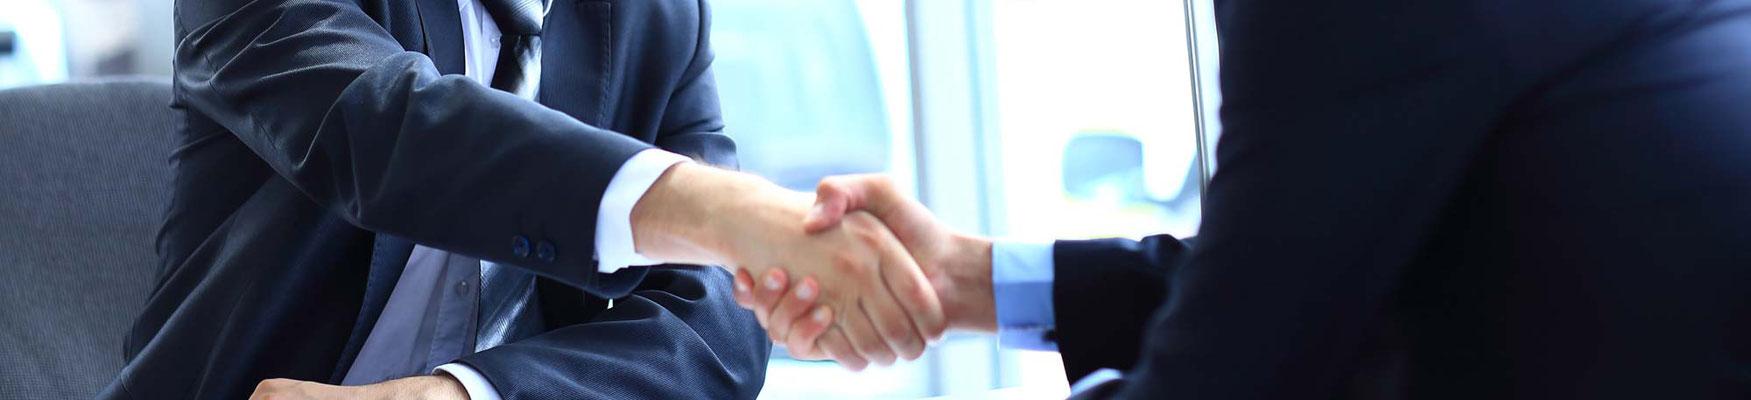 guide pour une cession d'entreprise, tout savoir sur la cession d'une entreprise à l'île Maurice, comment faire pour vendre son entreprise à l'île Maurice